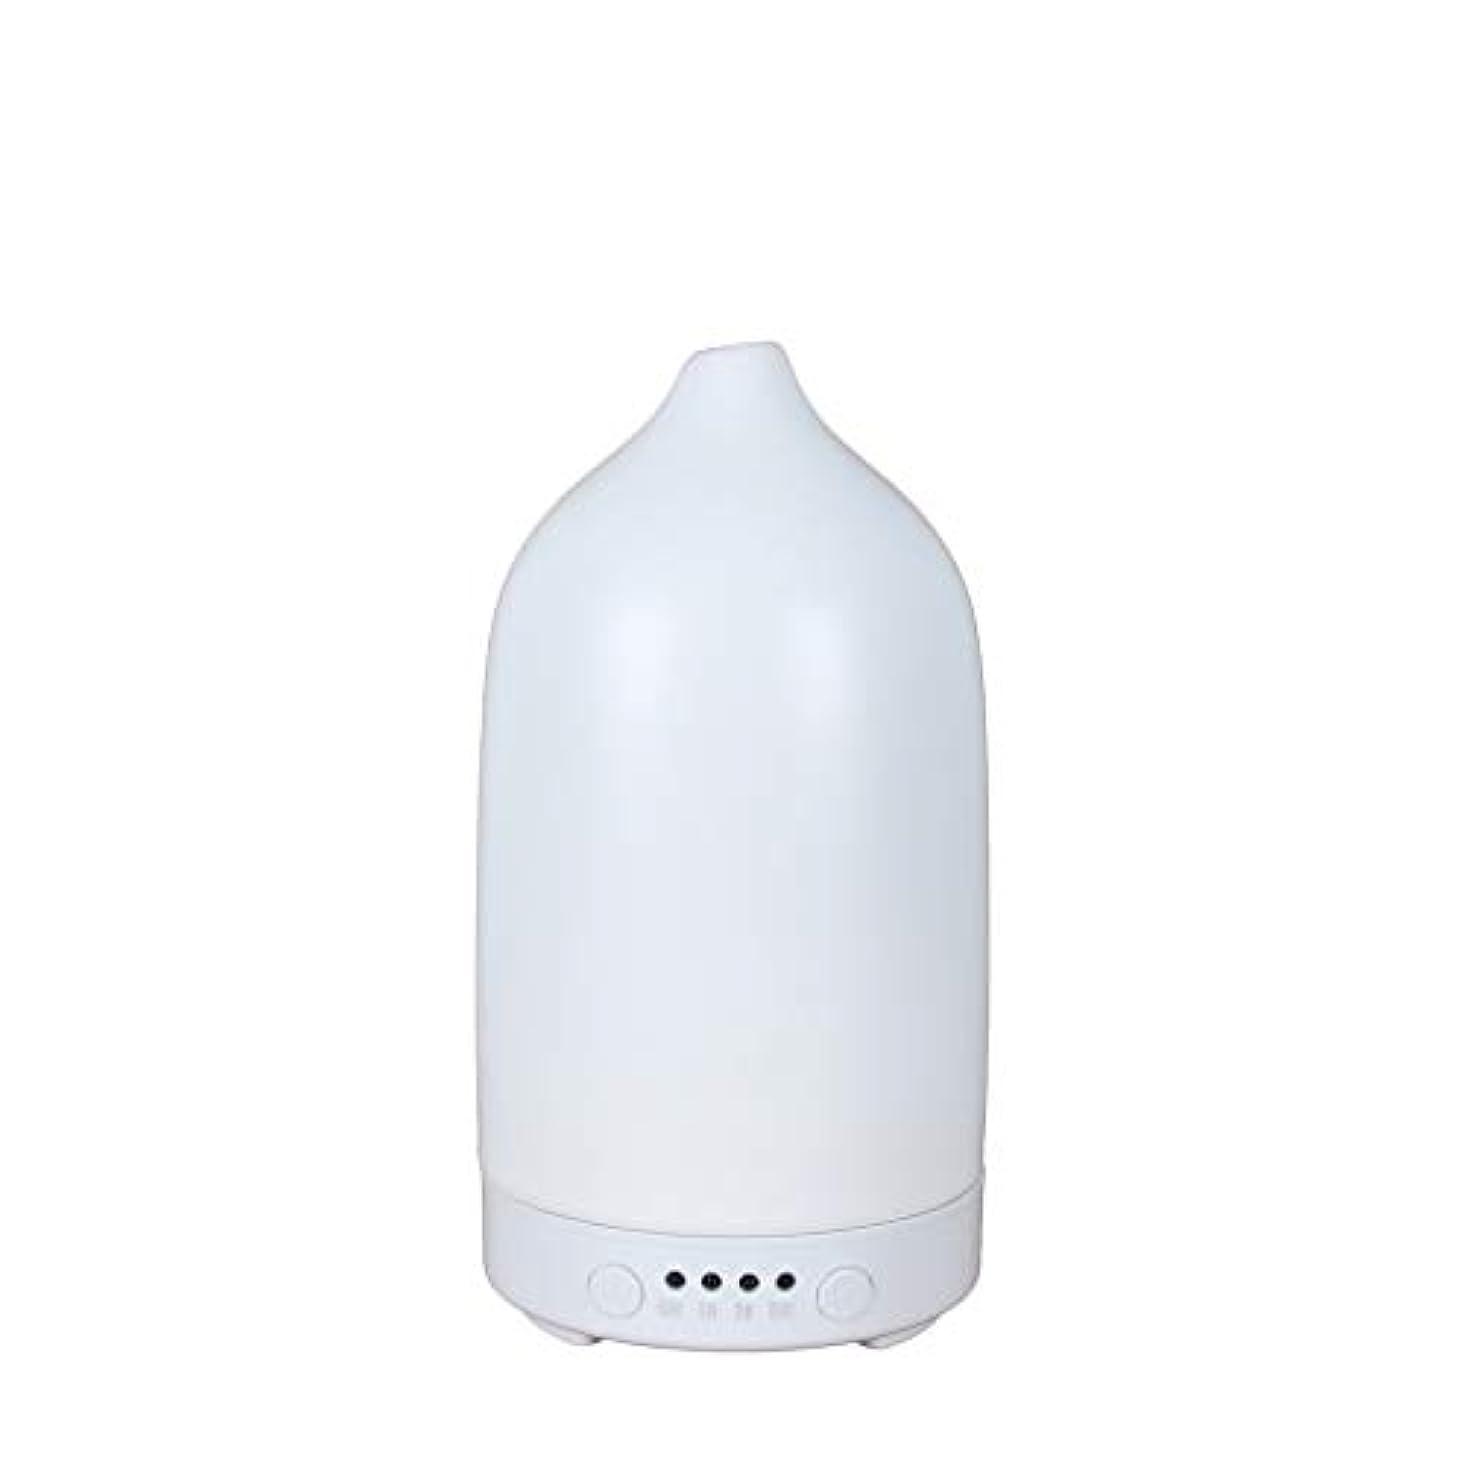 毒性遅らせる才能のある加湿器卓上USB型加湿器殺菌加湿エアーフレッシュナー落下水漏れ防止超音波式加湿器超音波式卓上型大容量超静音長時間連続運転乾燥対策調整可能なミストブロー消音 (A)